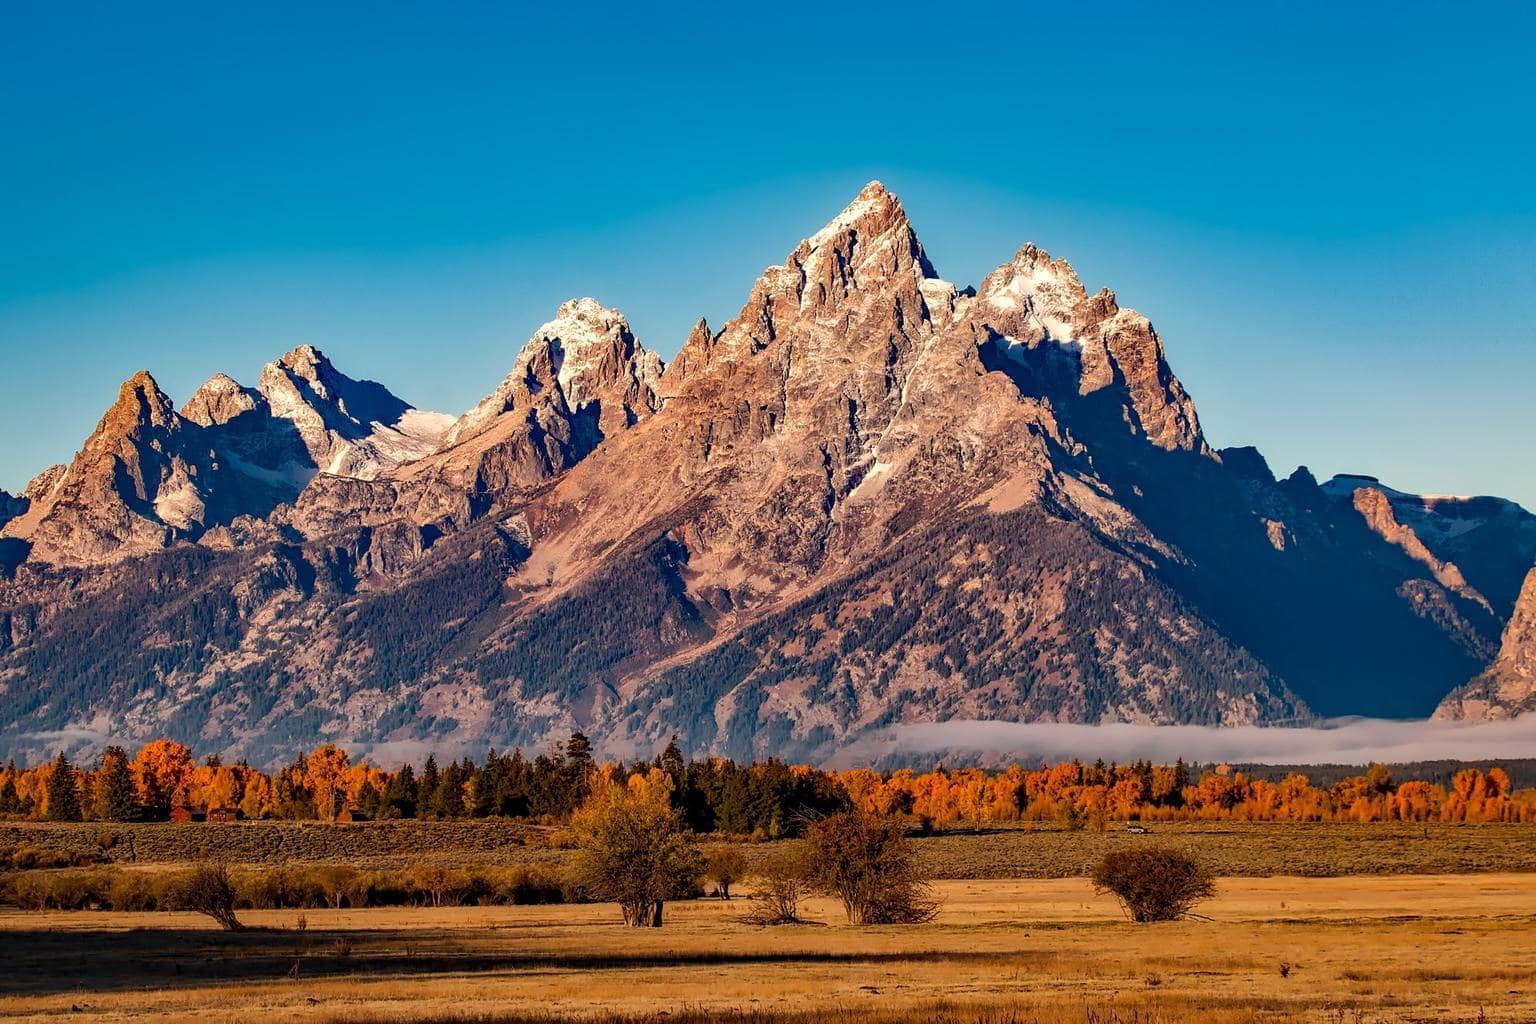 Fotografía otoñal de una montaña